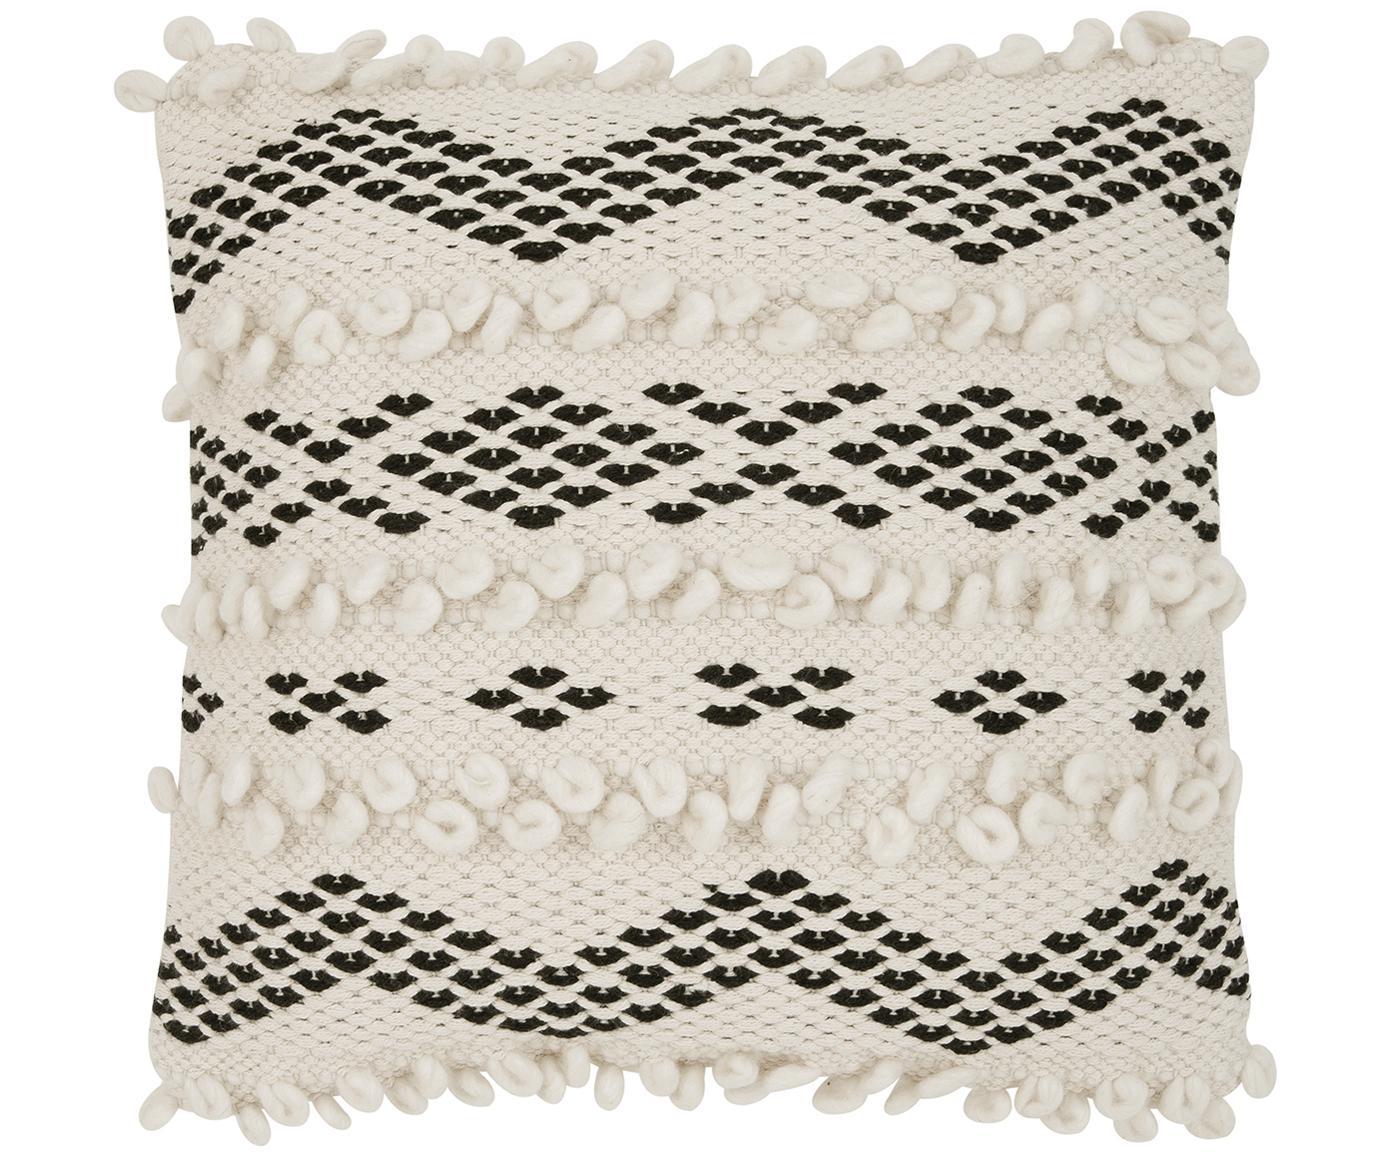 Funda de cojín Paco, estilo boho, 80%algodón, 20%poliéster, Crudo, negro, An 45 x L 45 cm